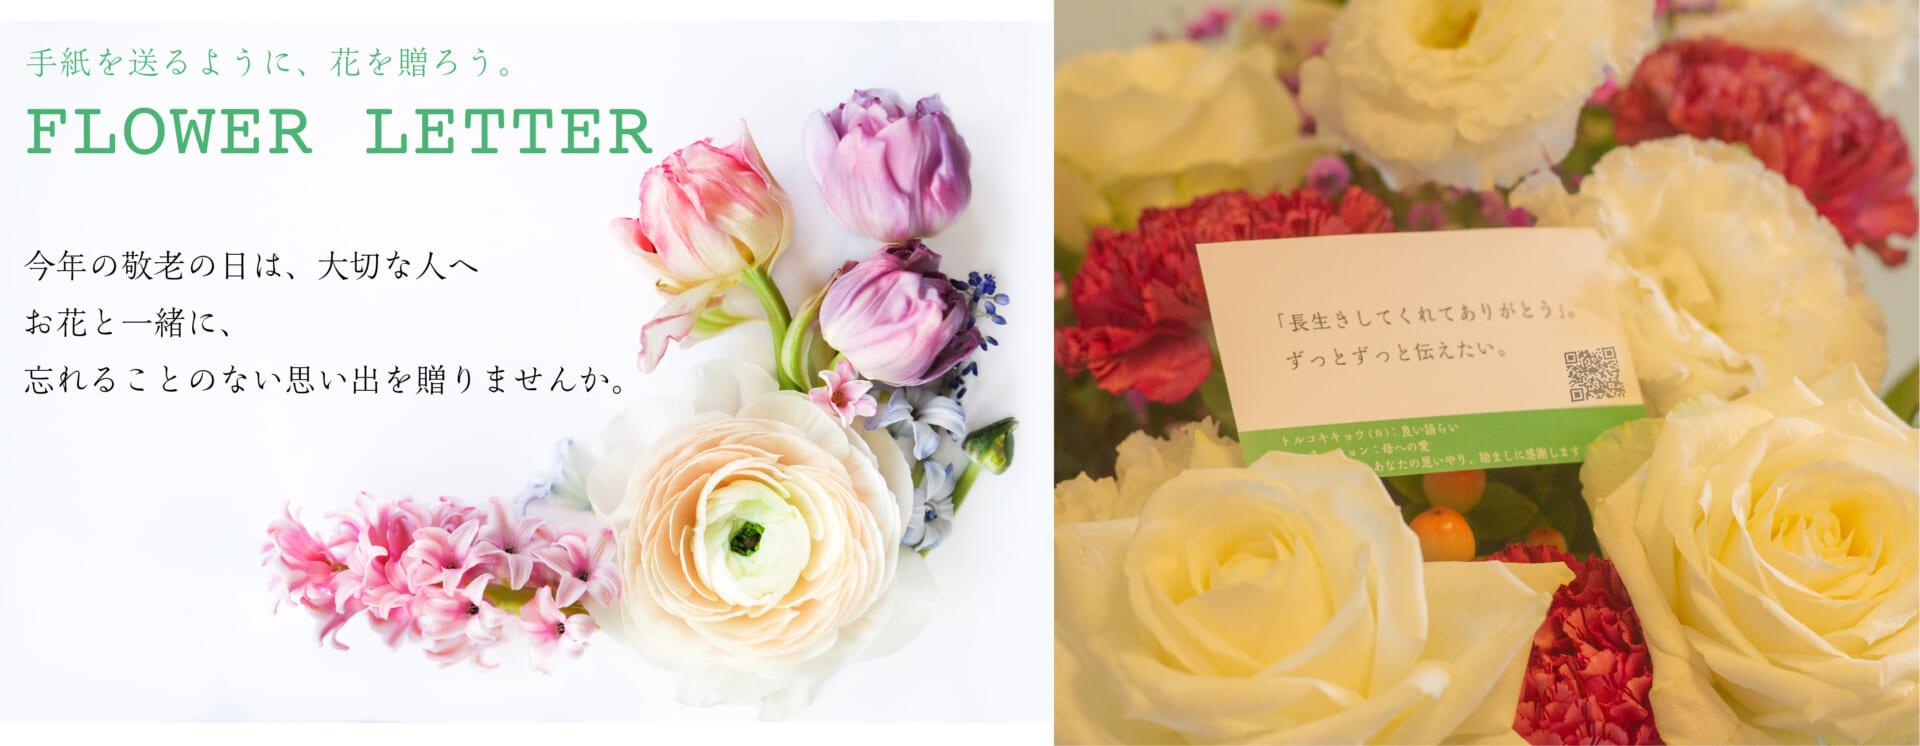 花と一緒に認知症チェックツールをプレゼント!敬老の日に向けた『贈る健康チェック』プロジェクトがスタート